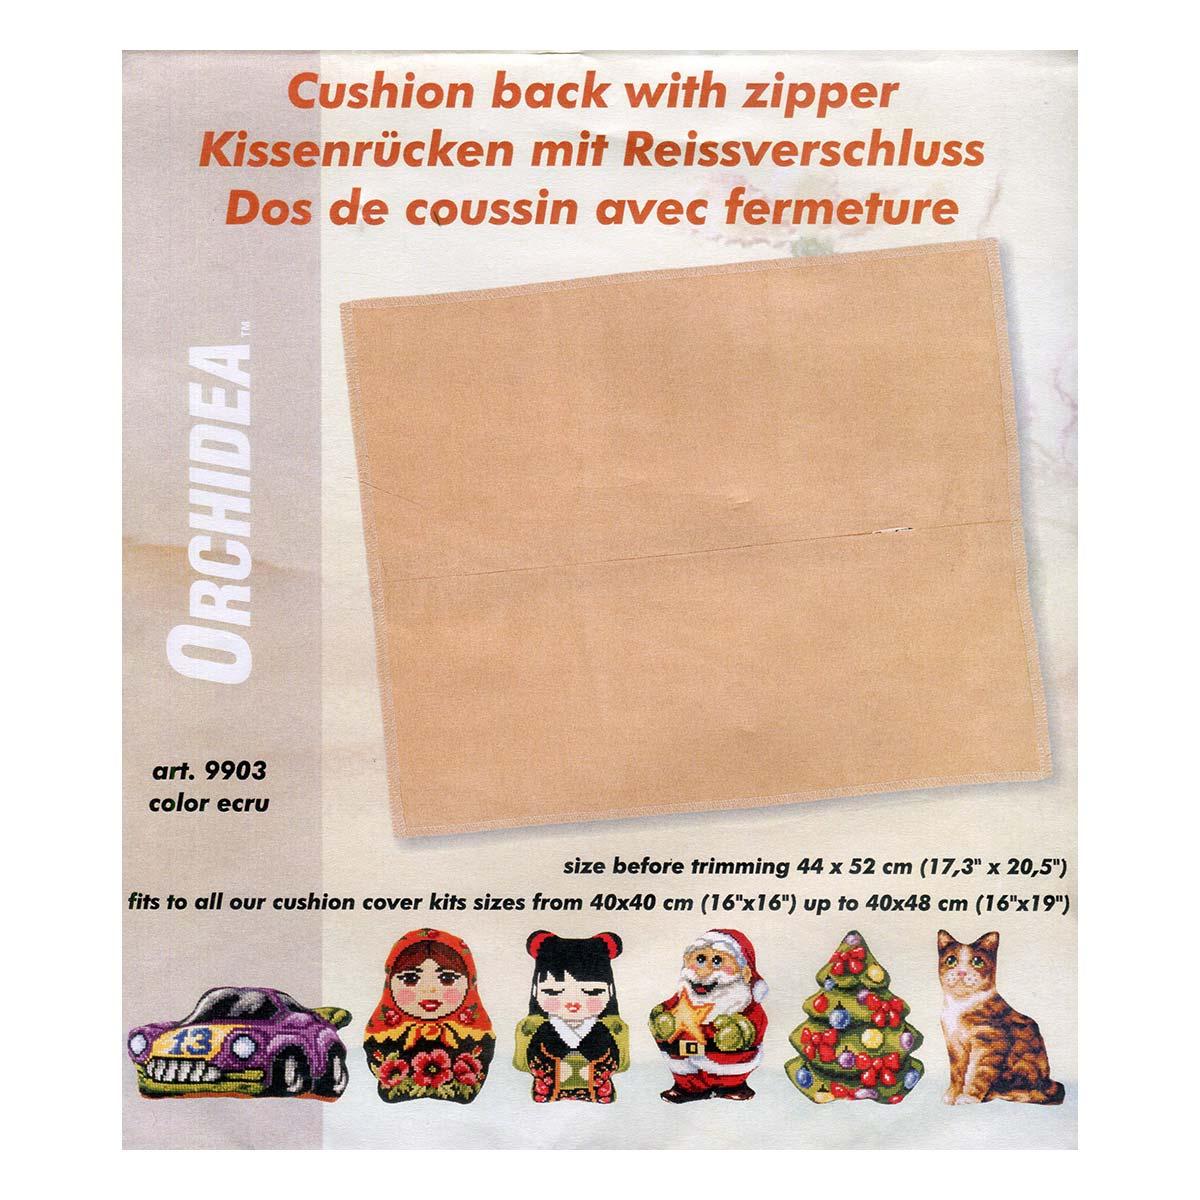 9903 ORCHIDEA Обратная сторона подушки, 44х52 см, цвет бежевый